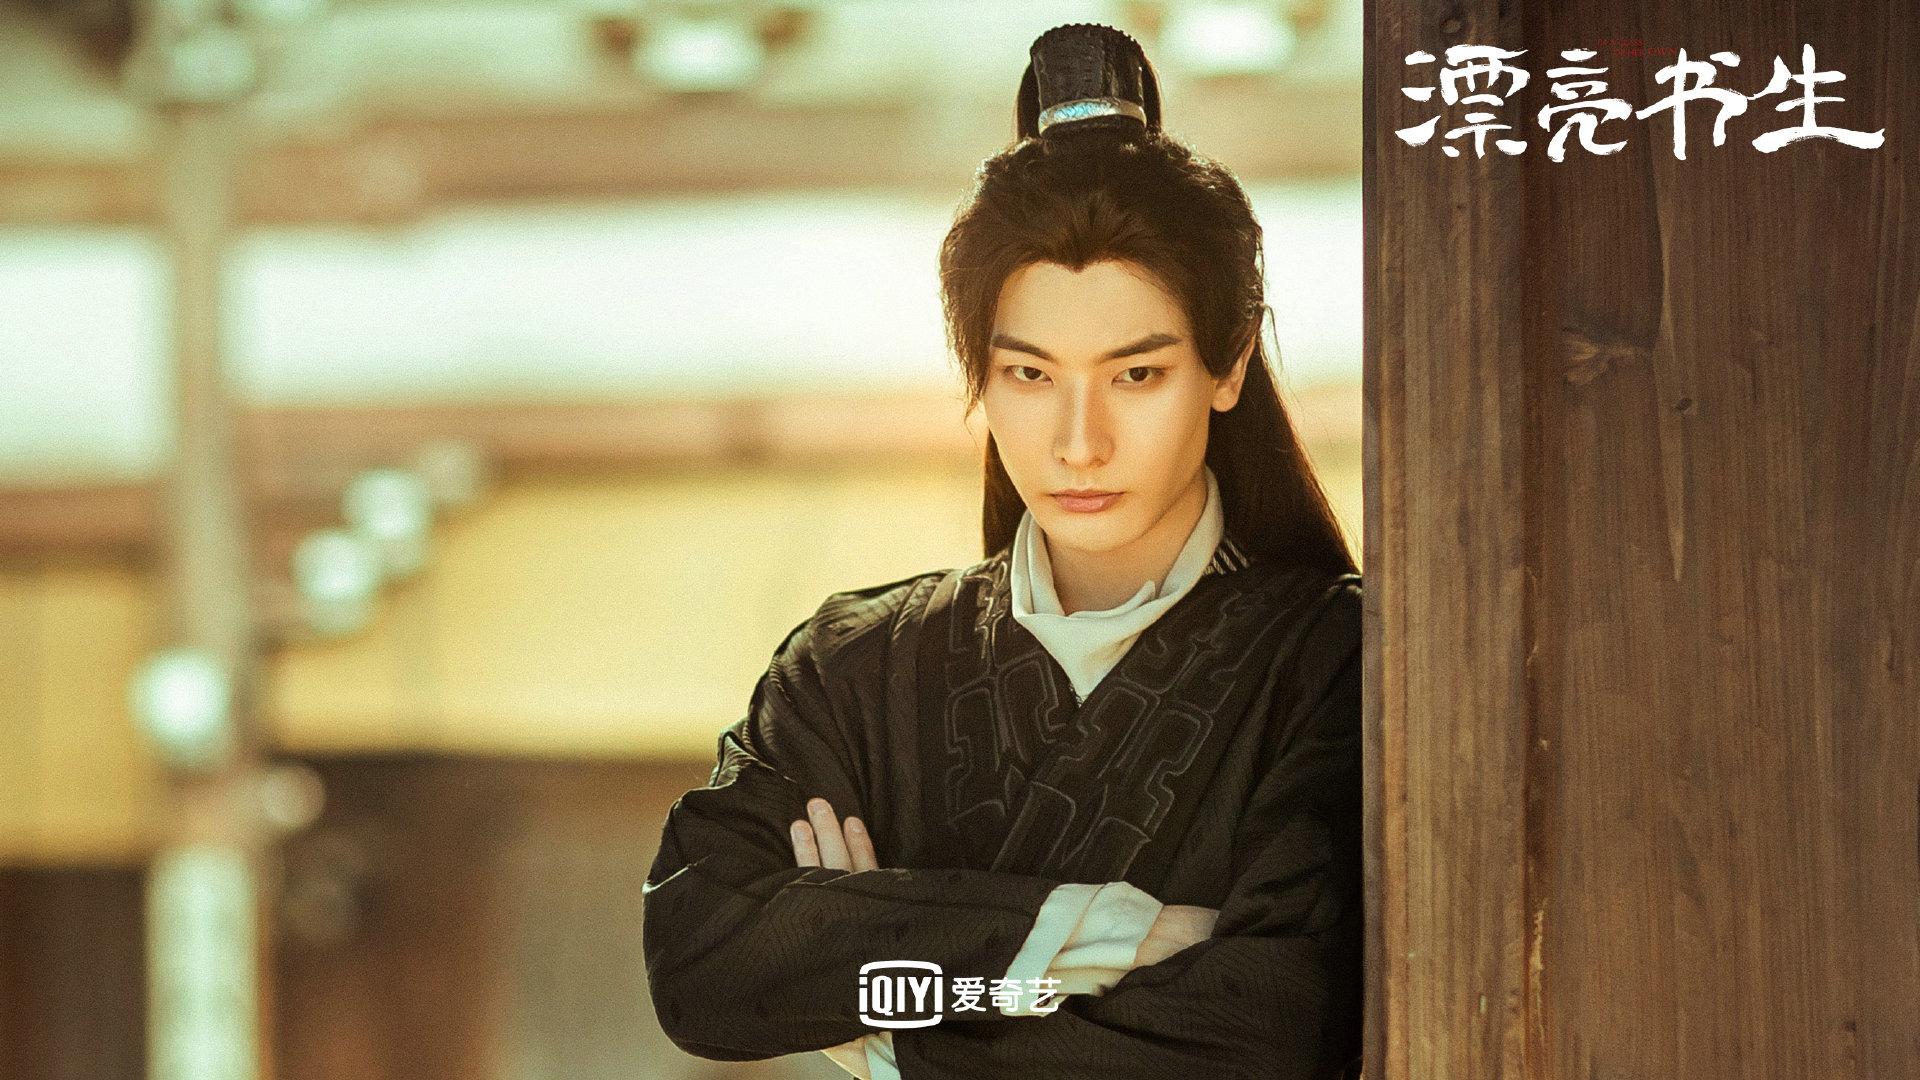 《漂亮书生》开播 王瑞昌饰武艺高强的叛逆少年雷泽信